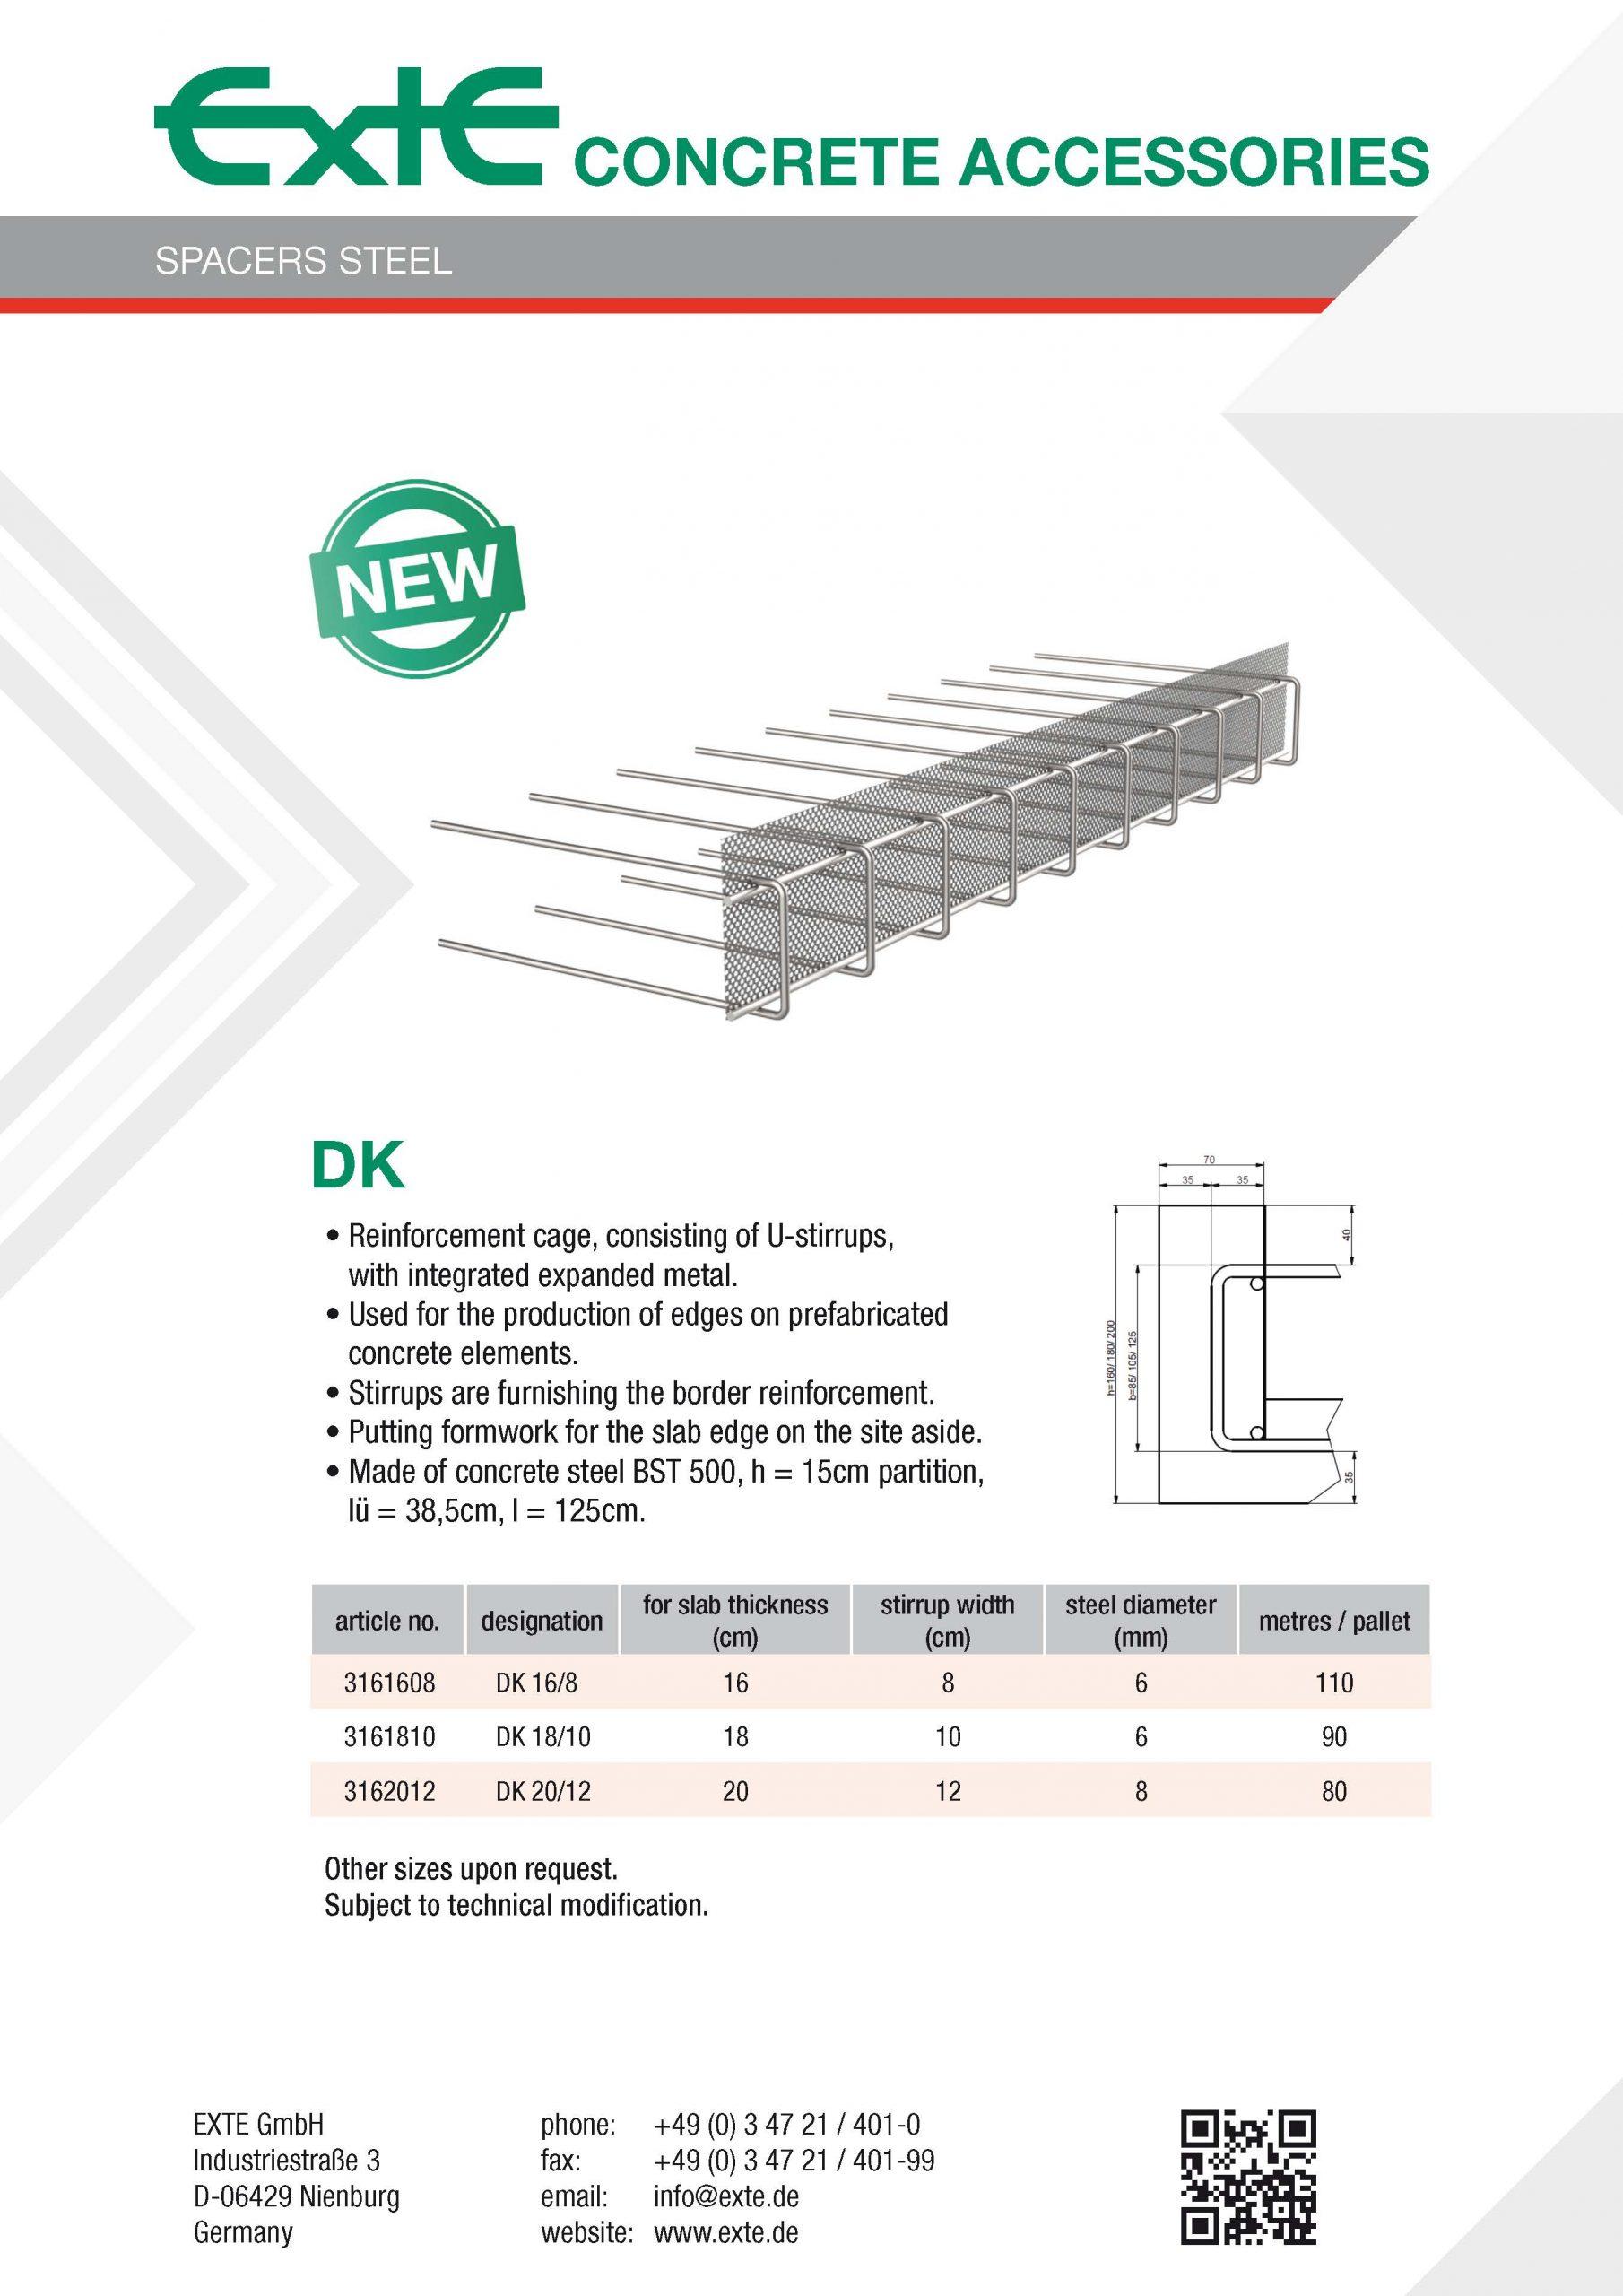 product sheet A4 - DK - en